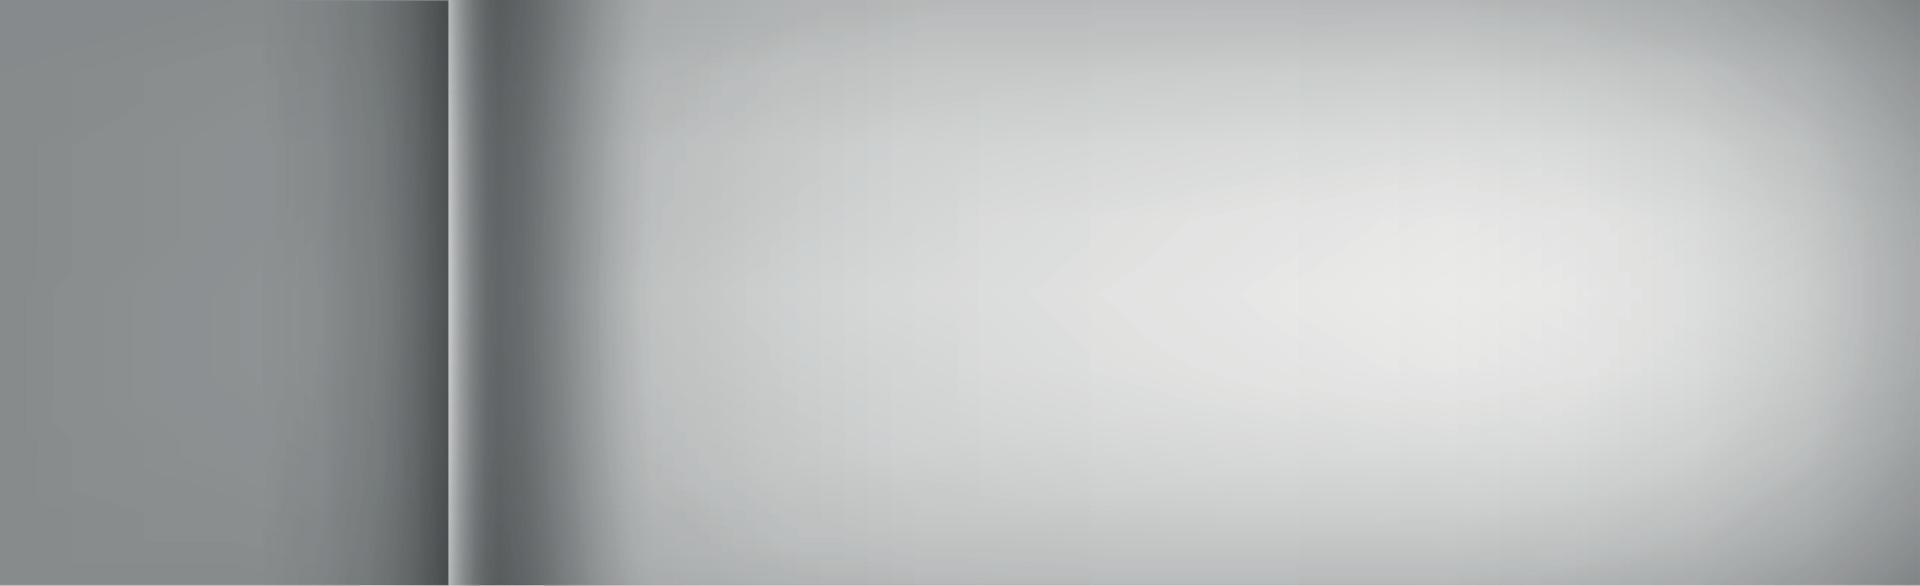 witte en grijze achtergrond met gekrulde rand - vector